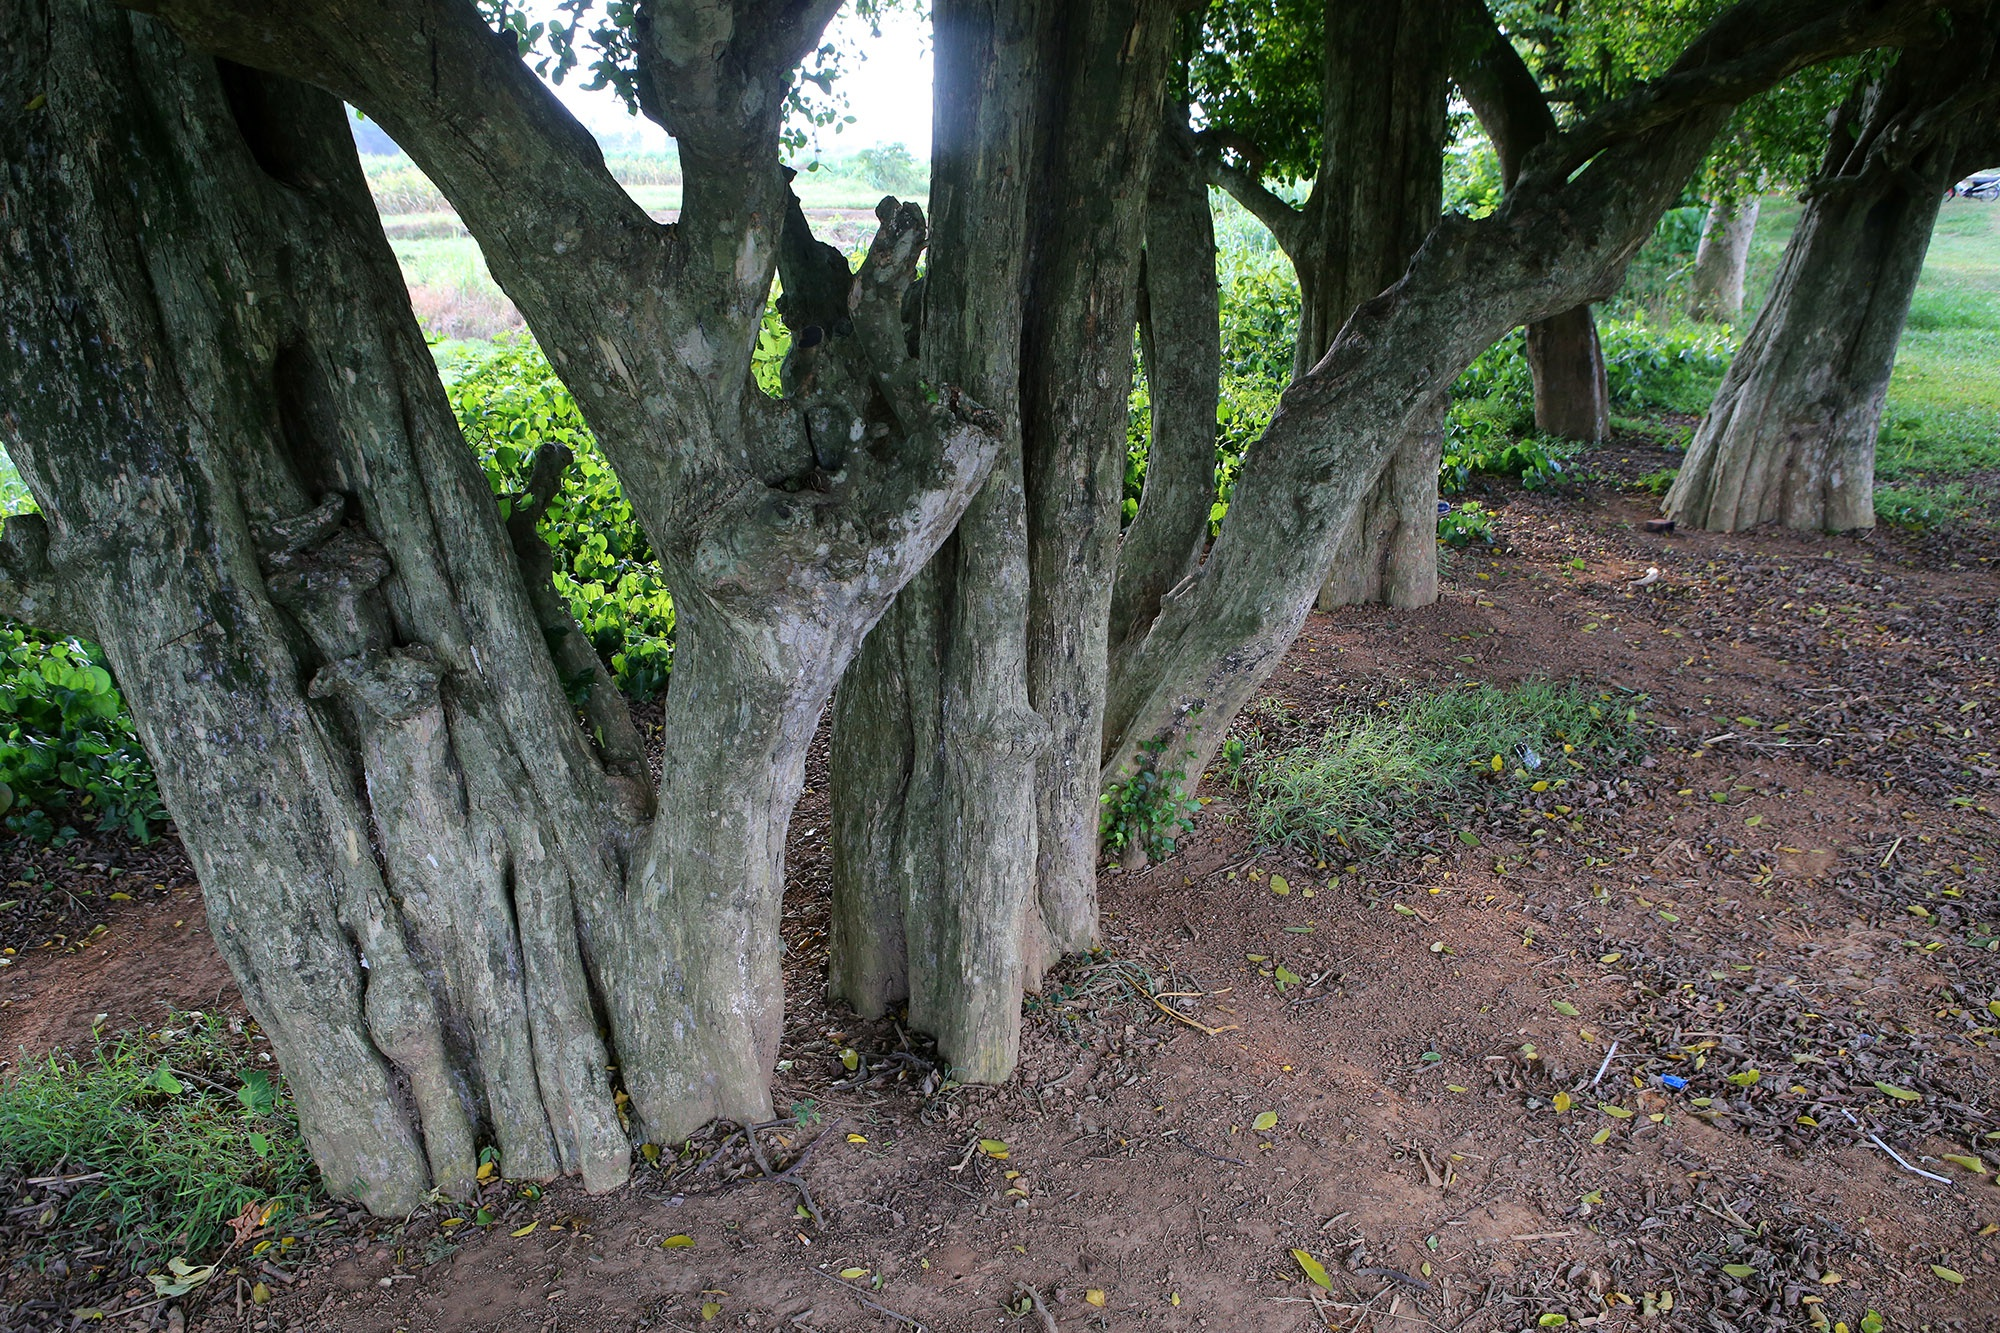 Rặng cây duối cổ hơn 1000 năm tuổi ở Hà Nội - 6